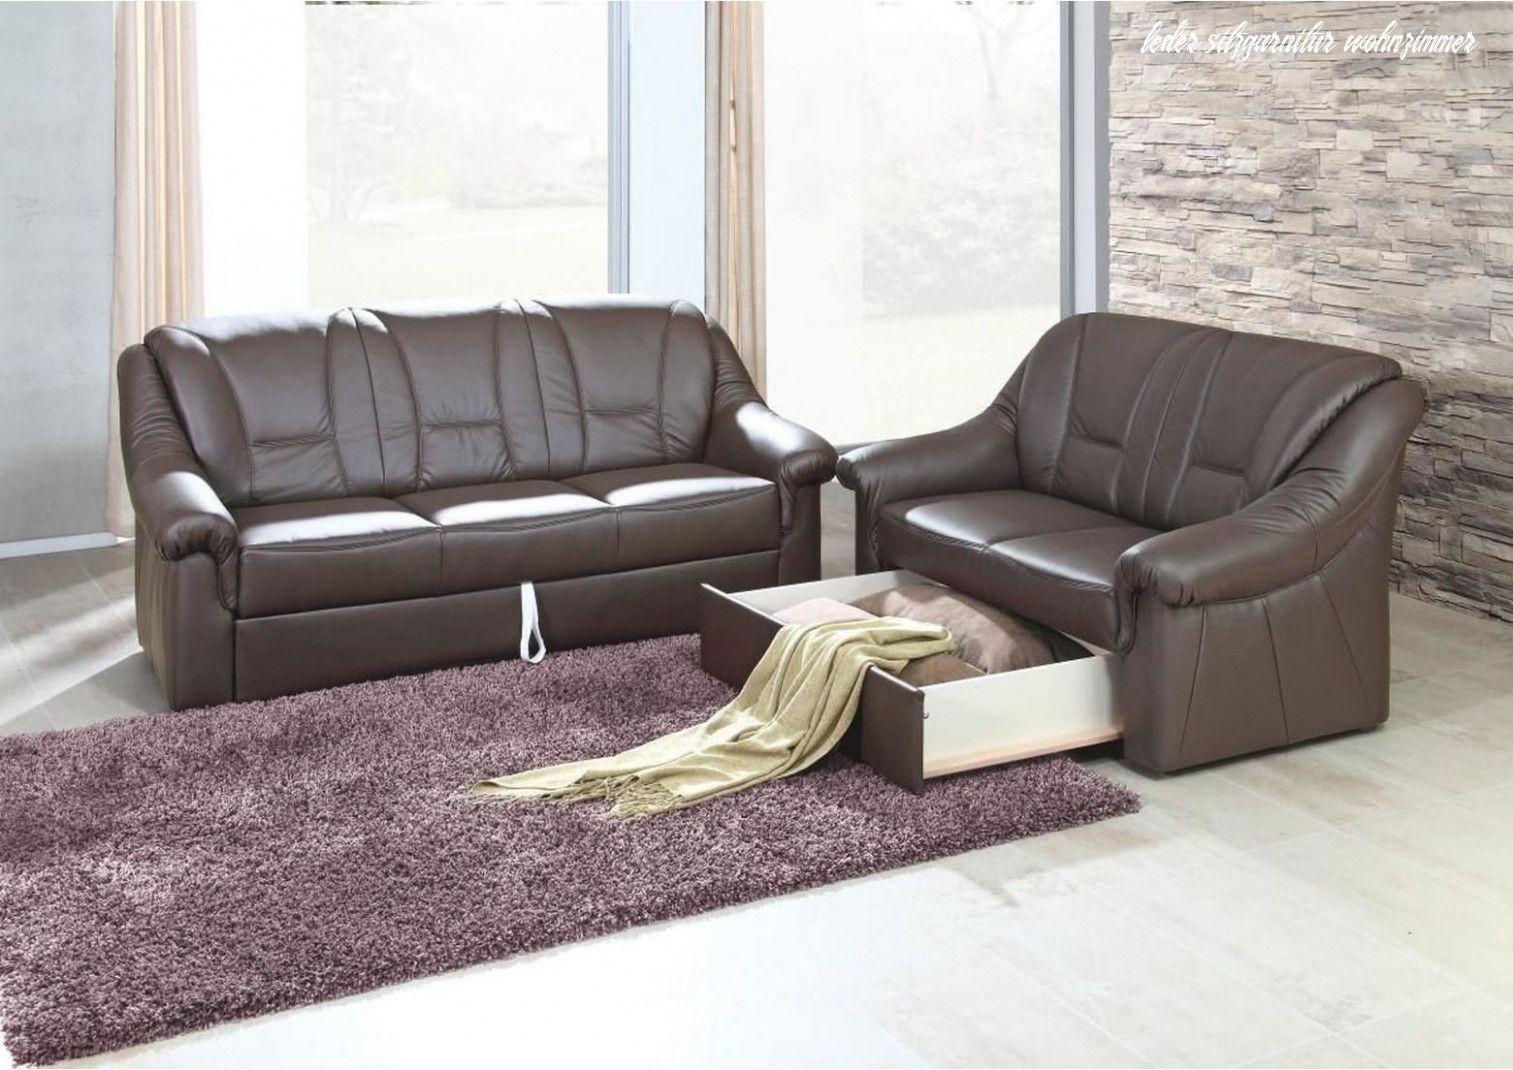 Leder Sitzgarnitur Wohnzimmer